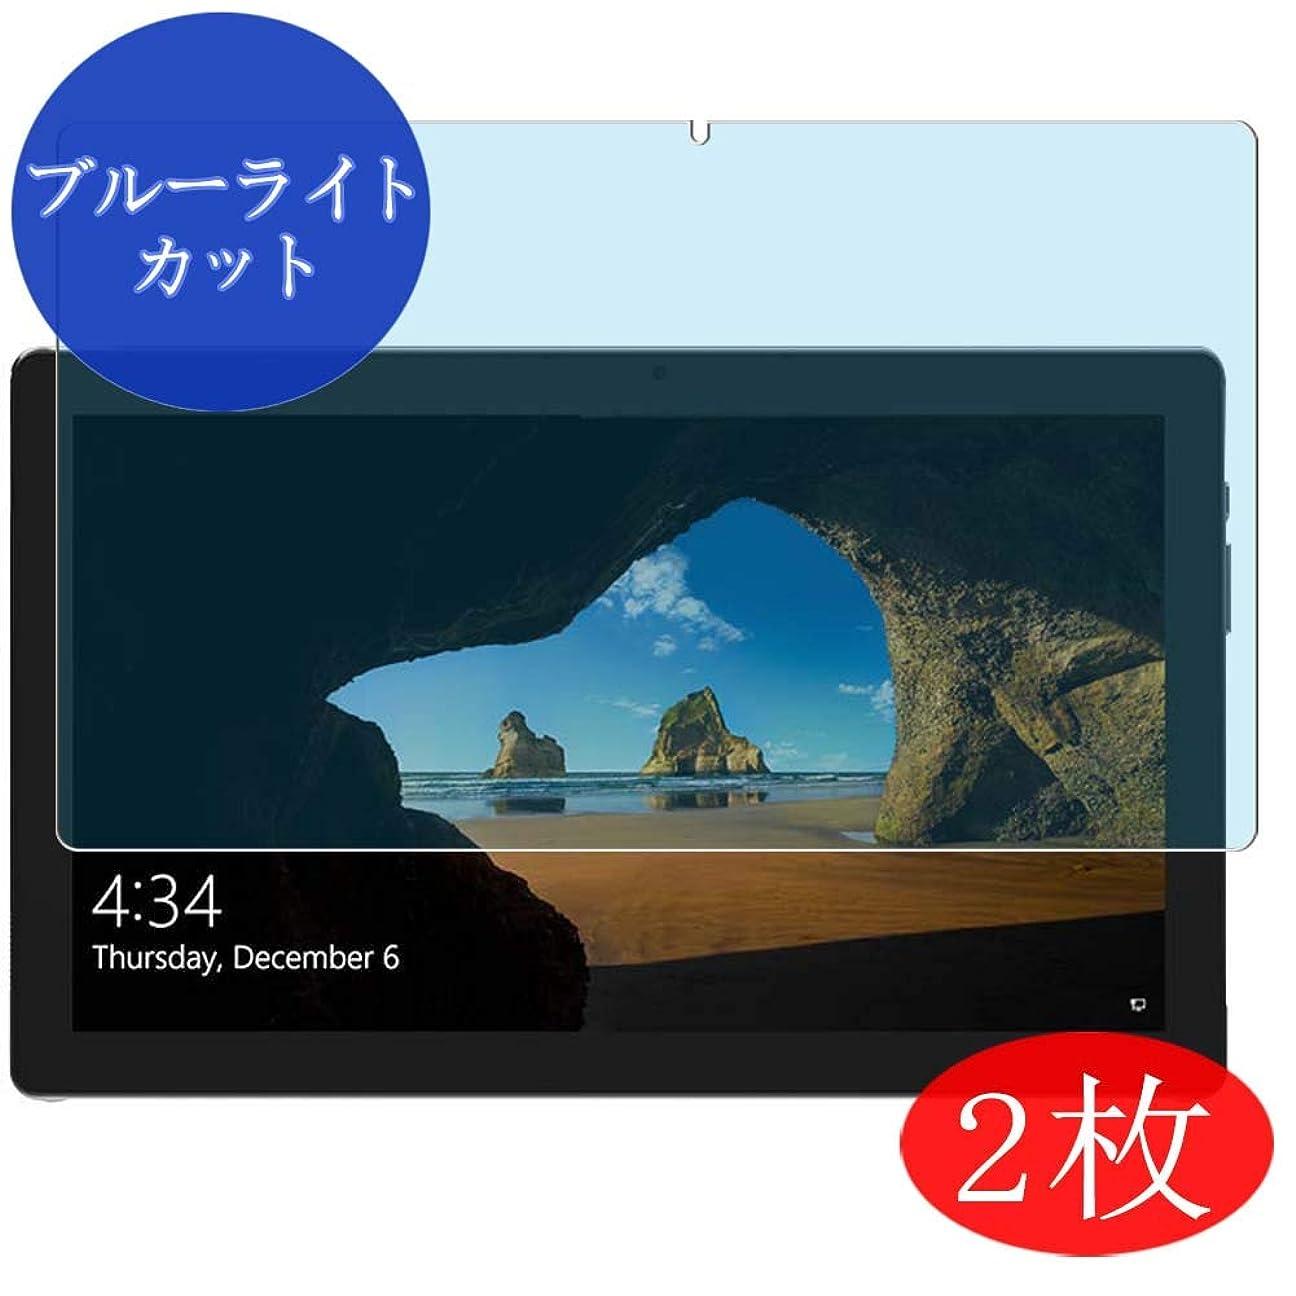 パッチ含めるテーマ2枚 VacFun ALLDOCUBE Knote 5 11.6インチ Knote5 cube ブルーライトカット 自己修復 日本製素材 4H フィルム 保護フィルム 気泡無し 0.14mm 液晶保護 フィルム プロテクター 保護 フィルム(*非 ガラスフィルム 強化ガラス ガラス ) ブルーライト カット